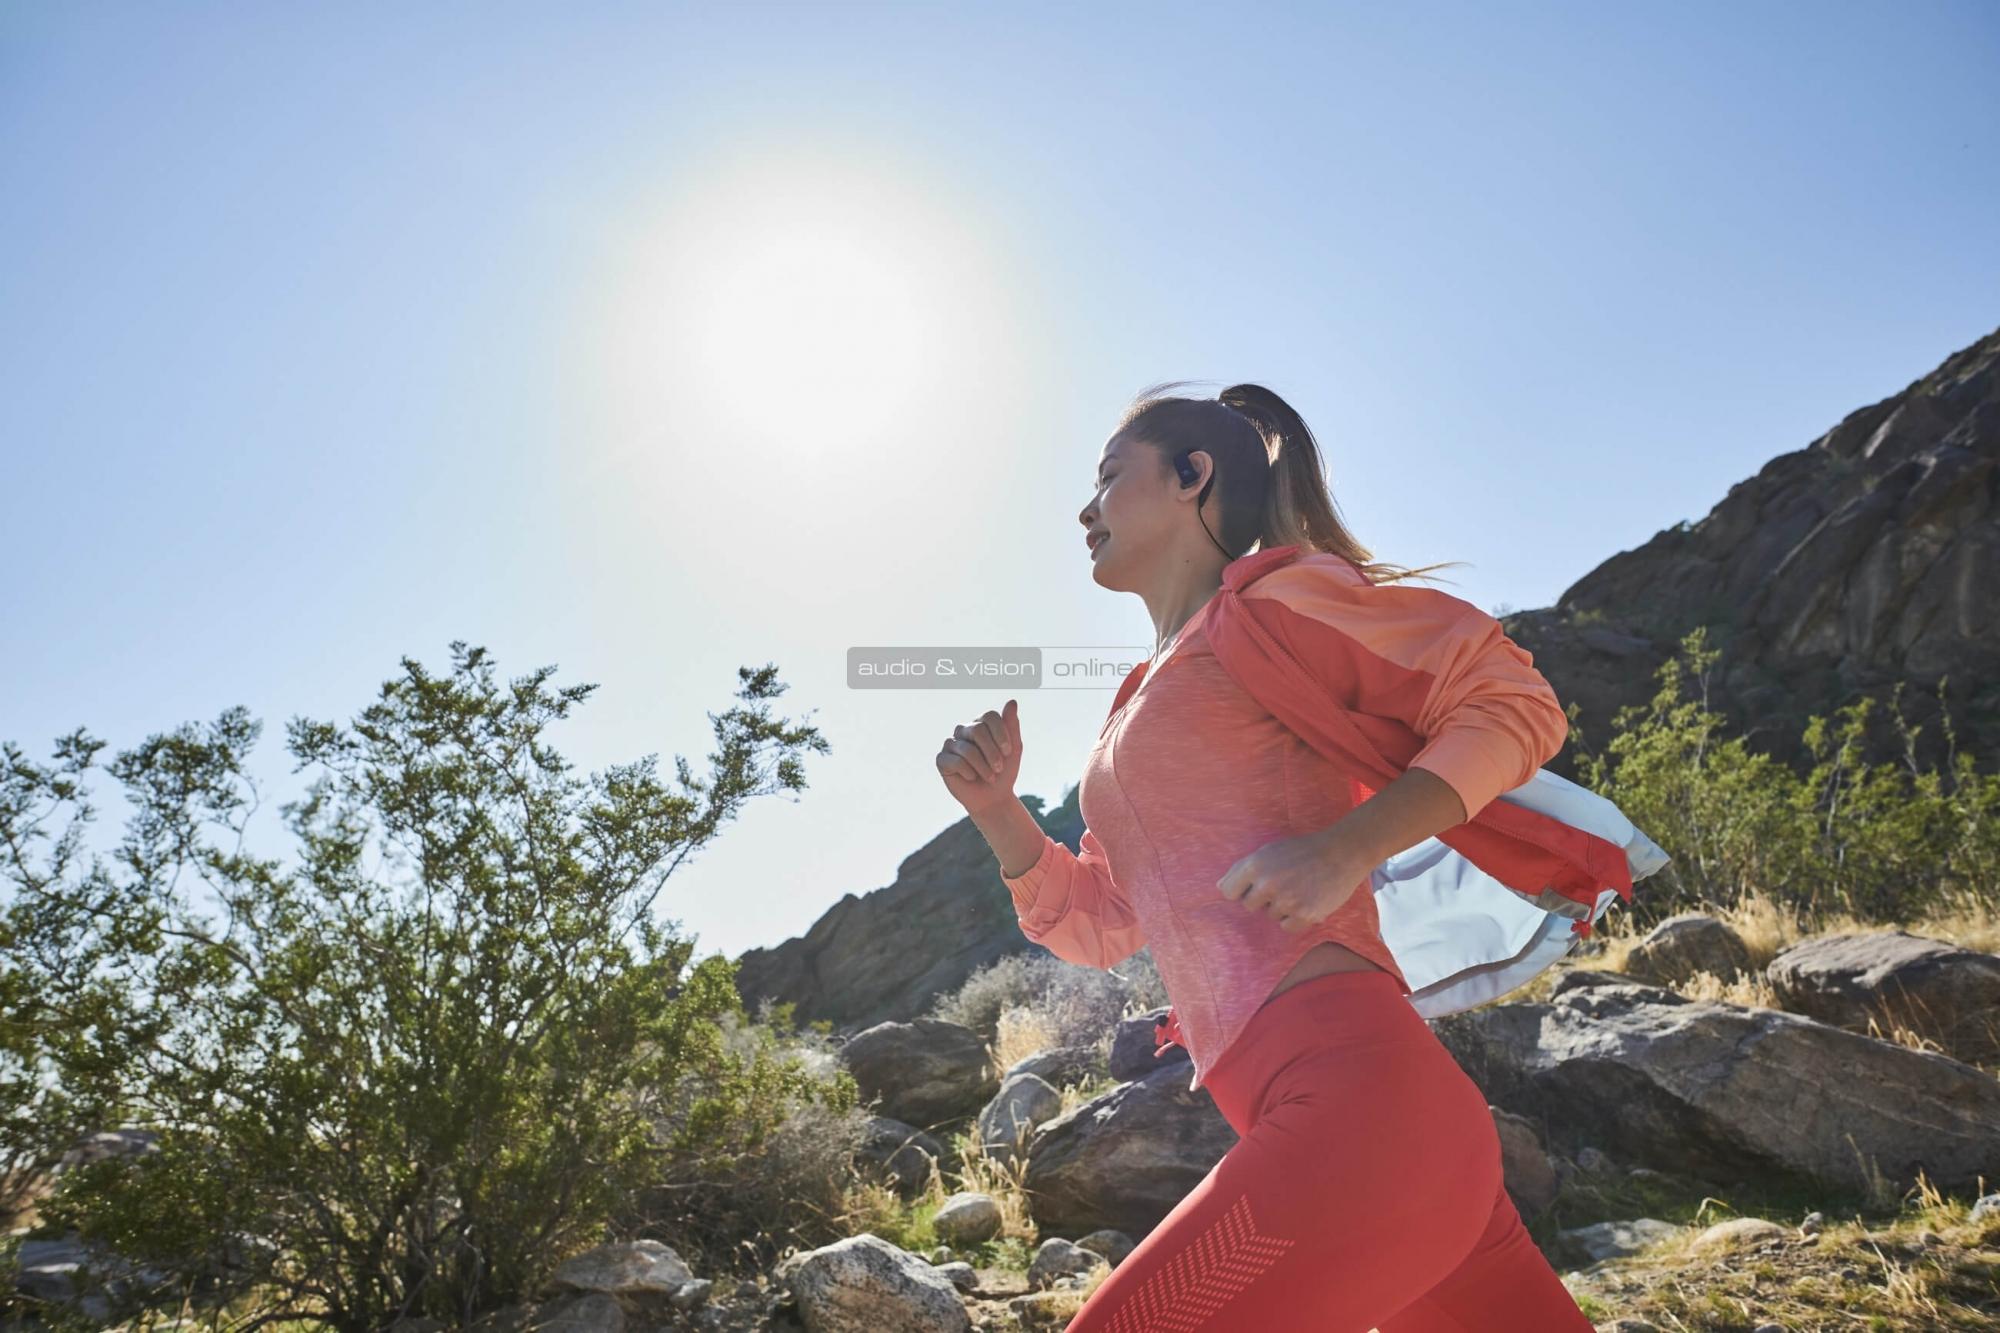 csatlakoztassa a sprint telefonos lendületet társkereső üzenetek online